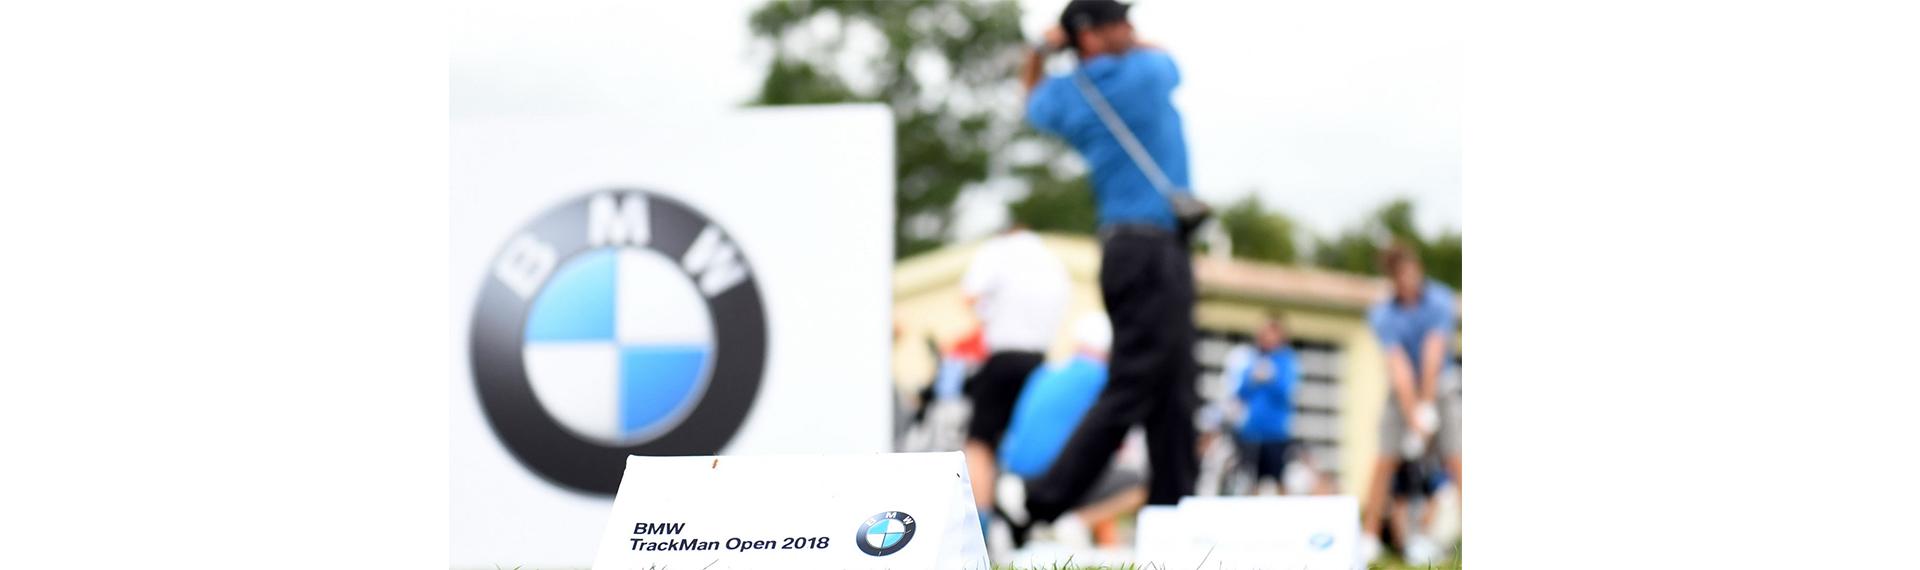 BMW TrackMan